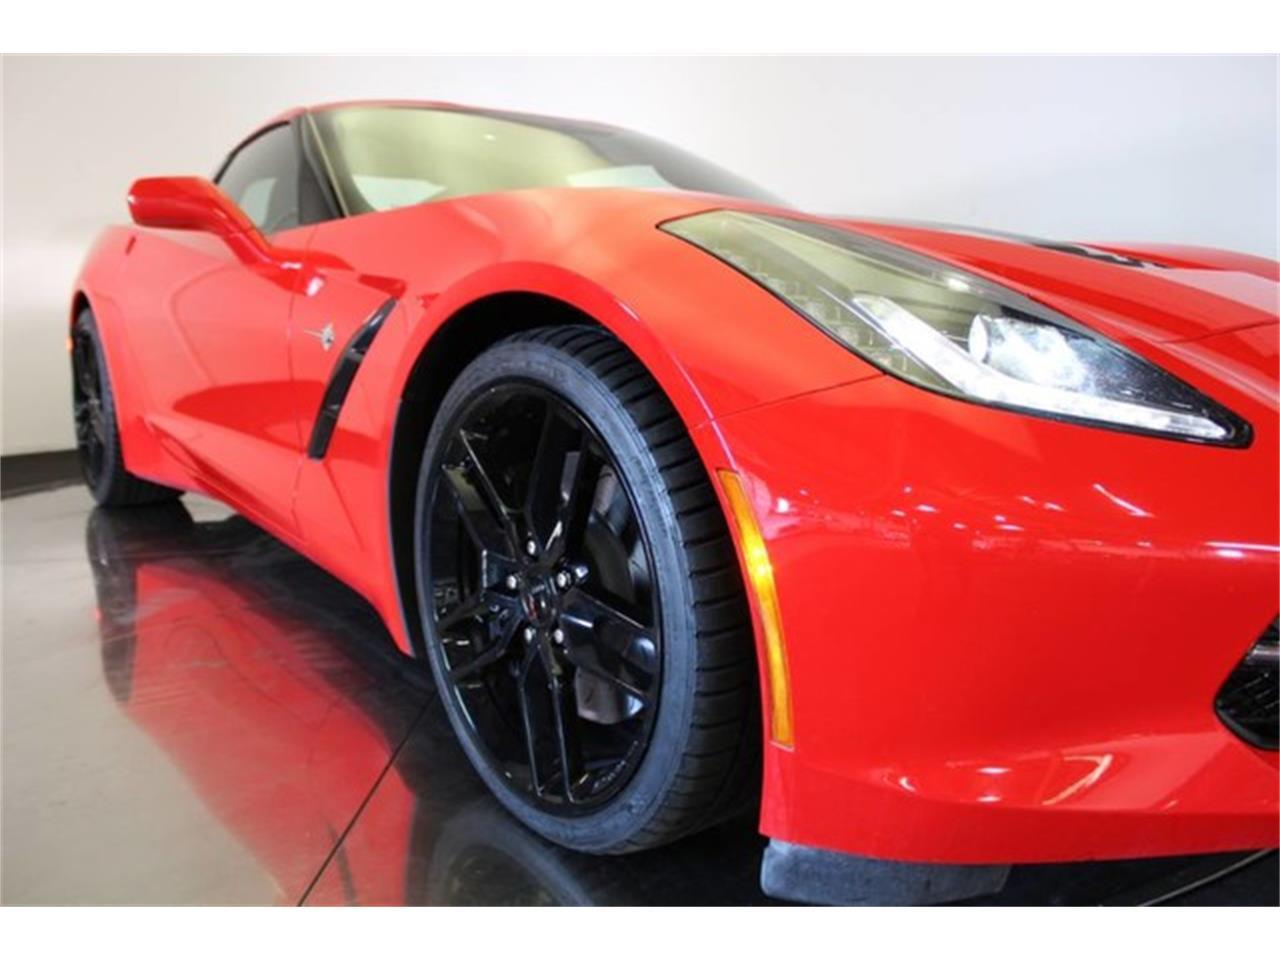 2018 Chevrolet Corvette (CC-1247377) for sale in Anaheim, California